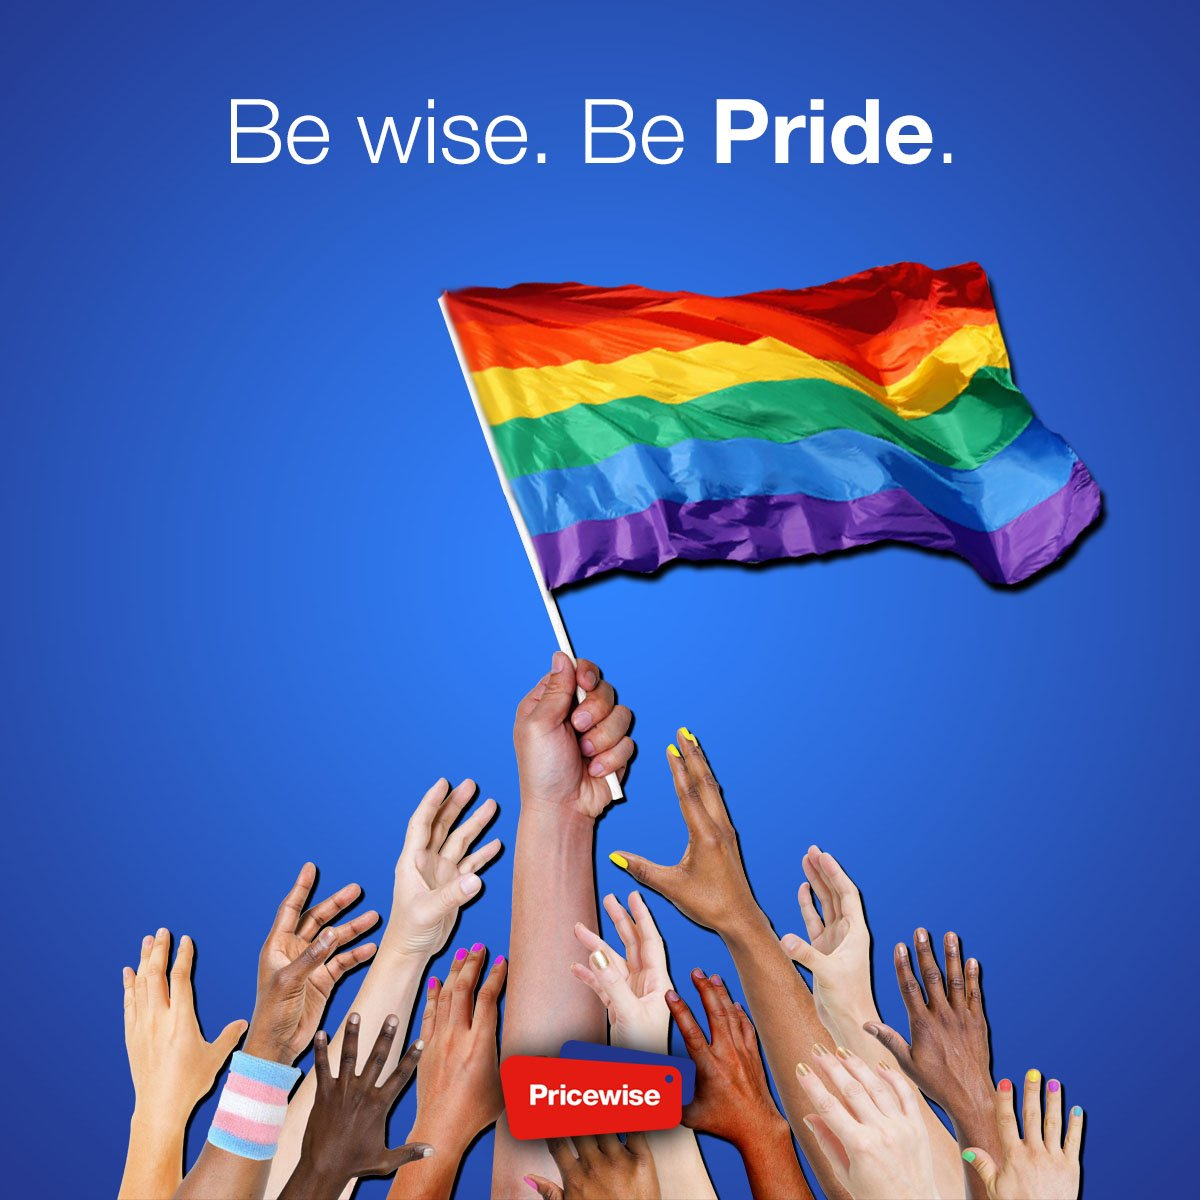 Geweldig al die gekleurde logo's en leuke inhakers, maar laten we niet vergeten dat Pride-week niet bij deze ene week moet blijven. Voor gelijkheid en jezelf mogen zijn moeten we ons altijd hard maken. Het hele jaar door! 💪🏳️🌈🏳️⚧️#Pride2019 #prideweek  #Pride #Liefde https://t.co/toK5wECnWH